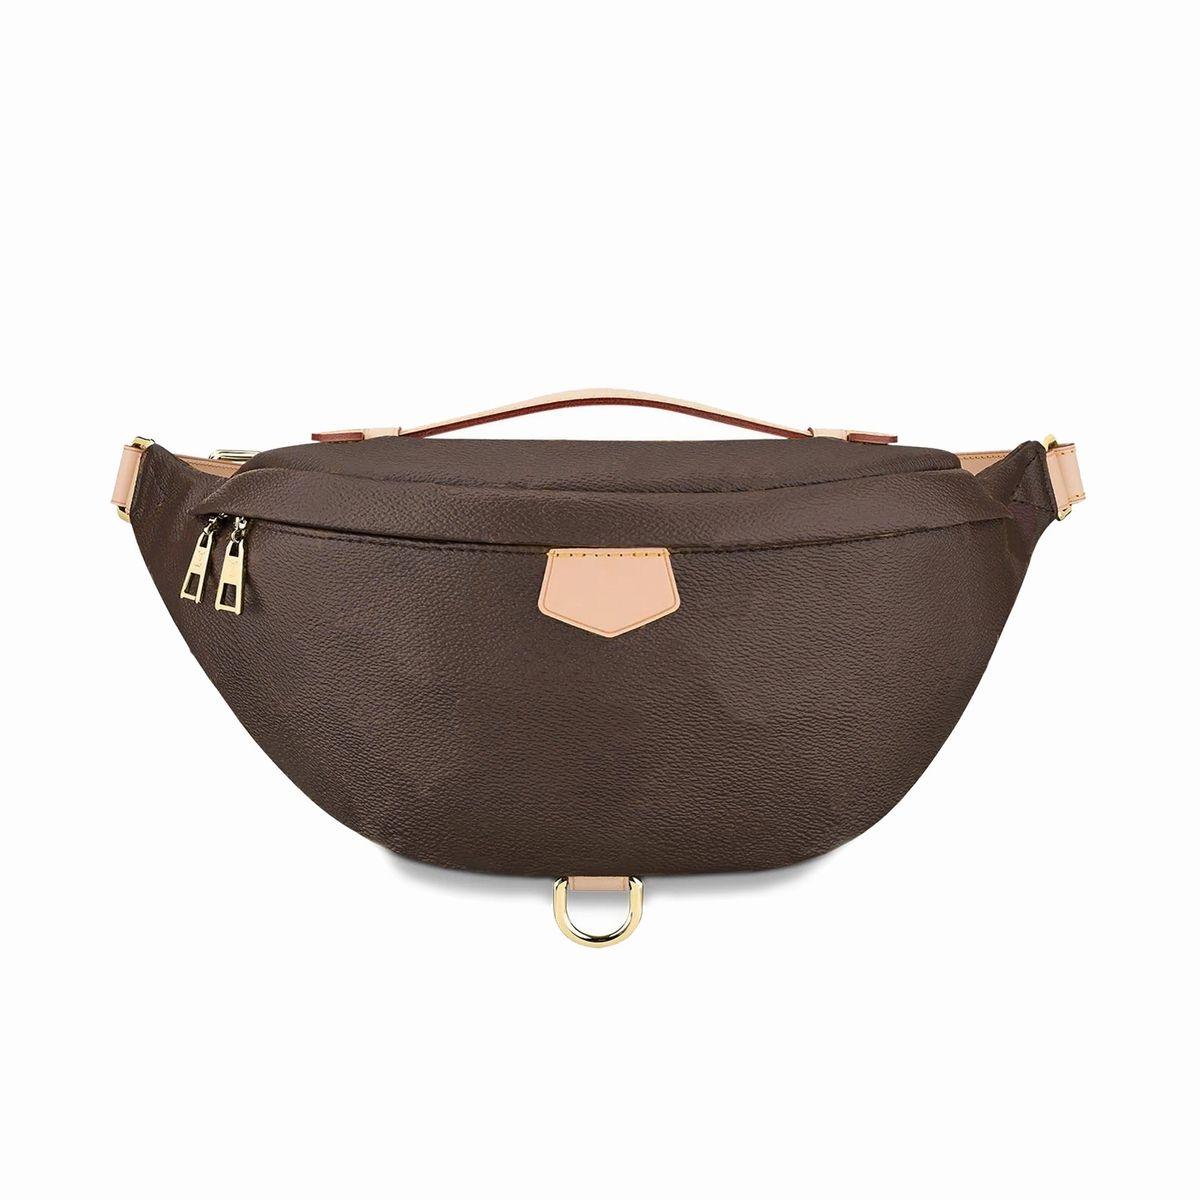 Hohe qualität neue mode pu leder braun blume handtaschen frauen taschen designer fanny packs berühmte Taille Taschen Handtaschen Dame Gürtel Brusttaschen